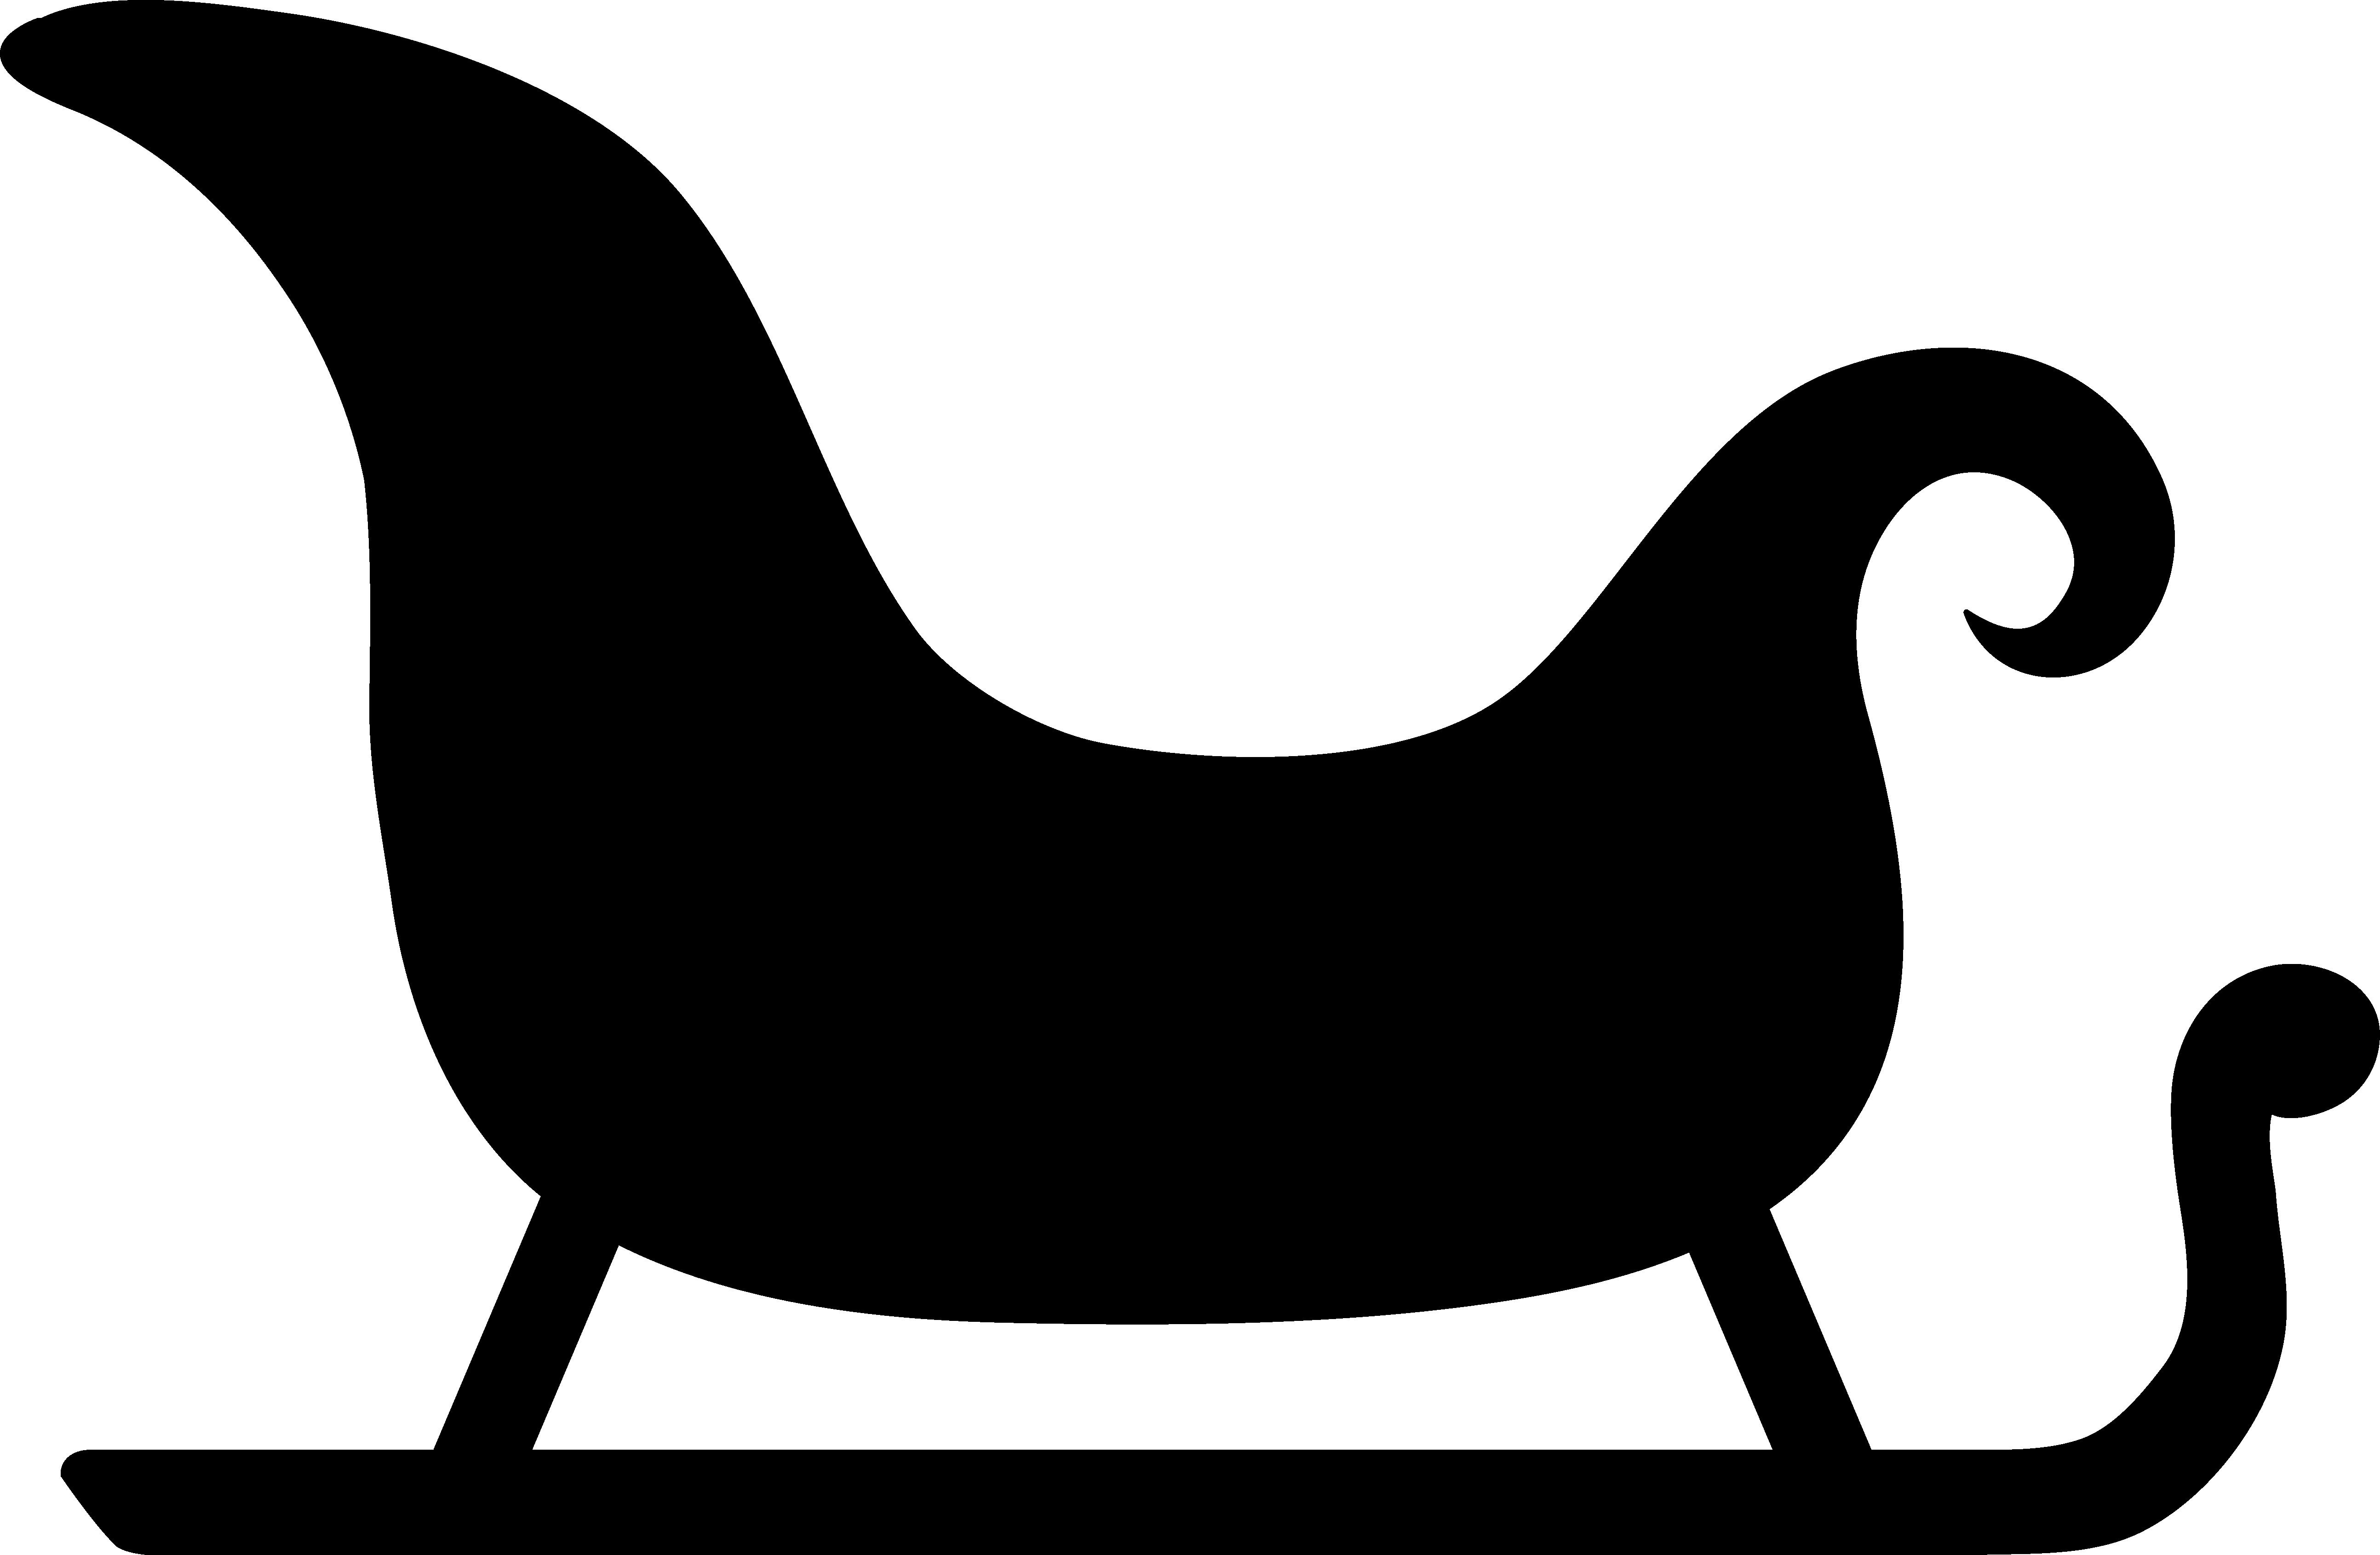 5175x3381 Simple Sleigh Silhouette